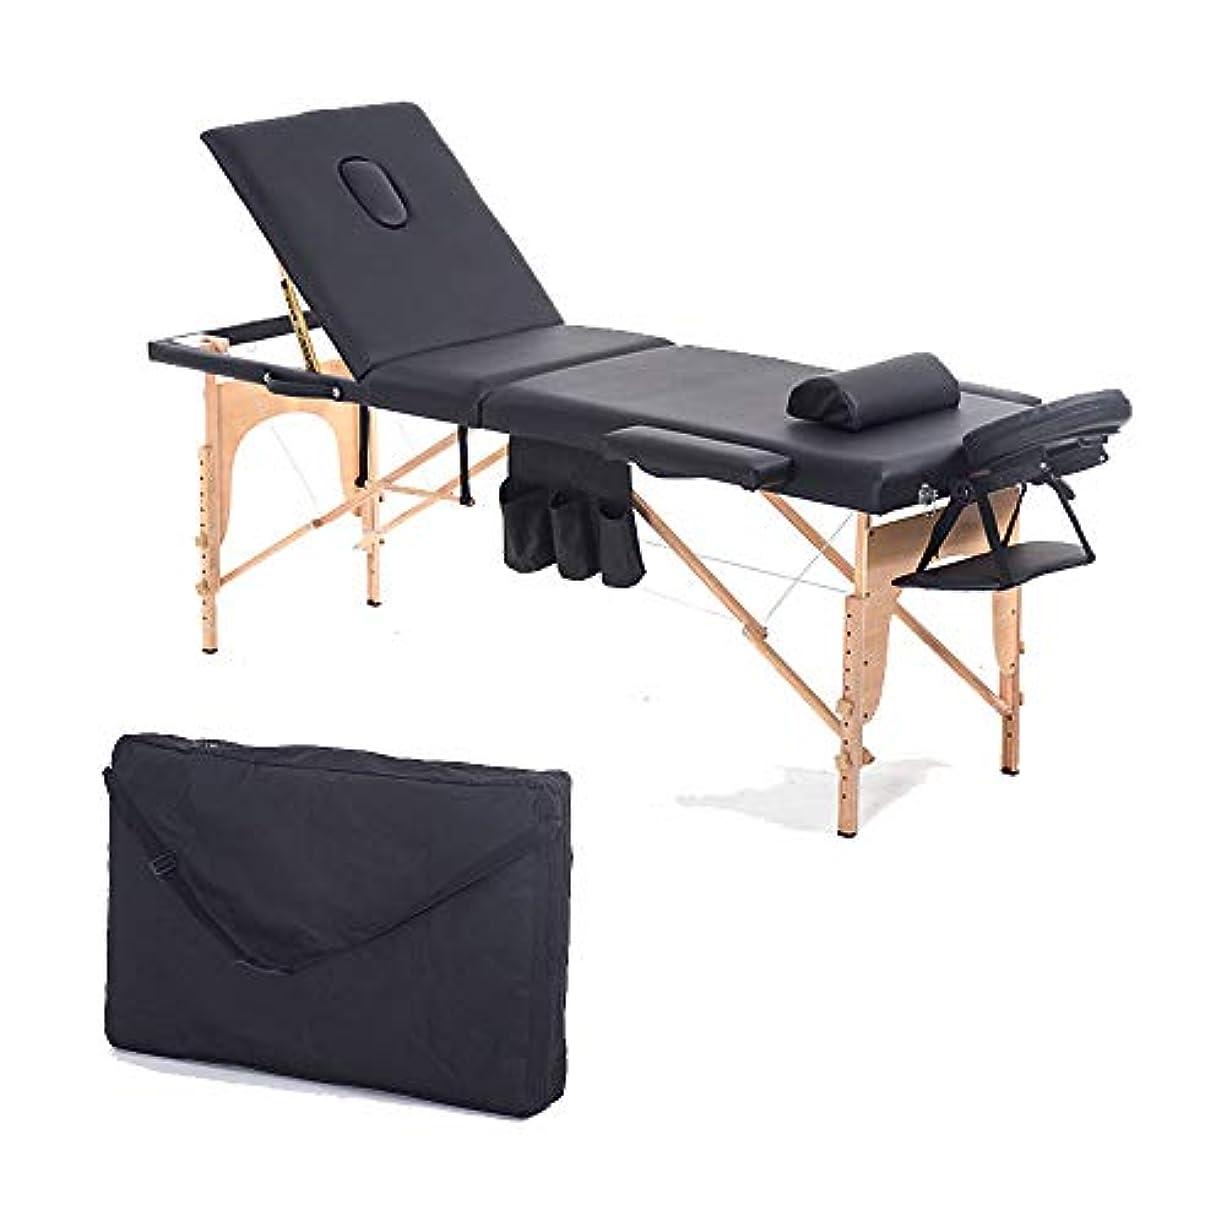 かかわらず誤解させる上に3節マッサージベッドポータブルサロン家具木製ベッド折り畳み式のビューティーボディ?フェイシャル?スパタトゥータイマッサージベッド